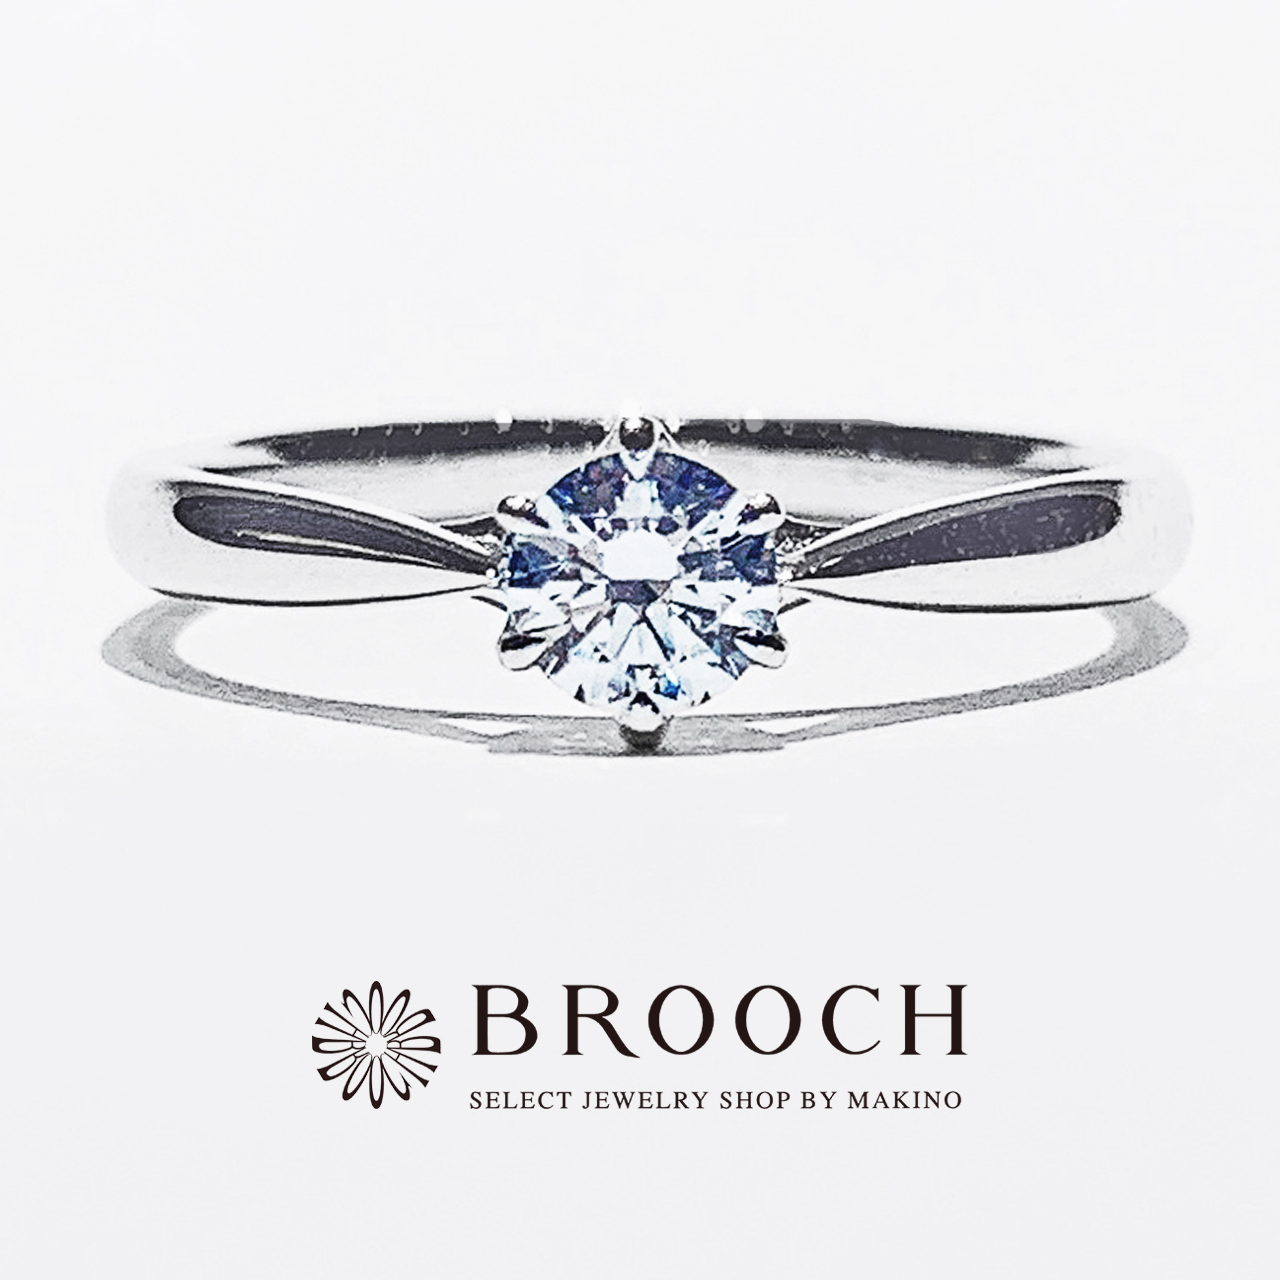 BROOCH 婚約指輪 エンゲージリング かわいい シンプルストレートデザイン